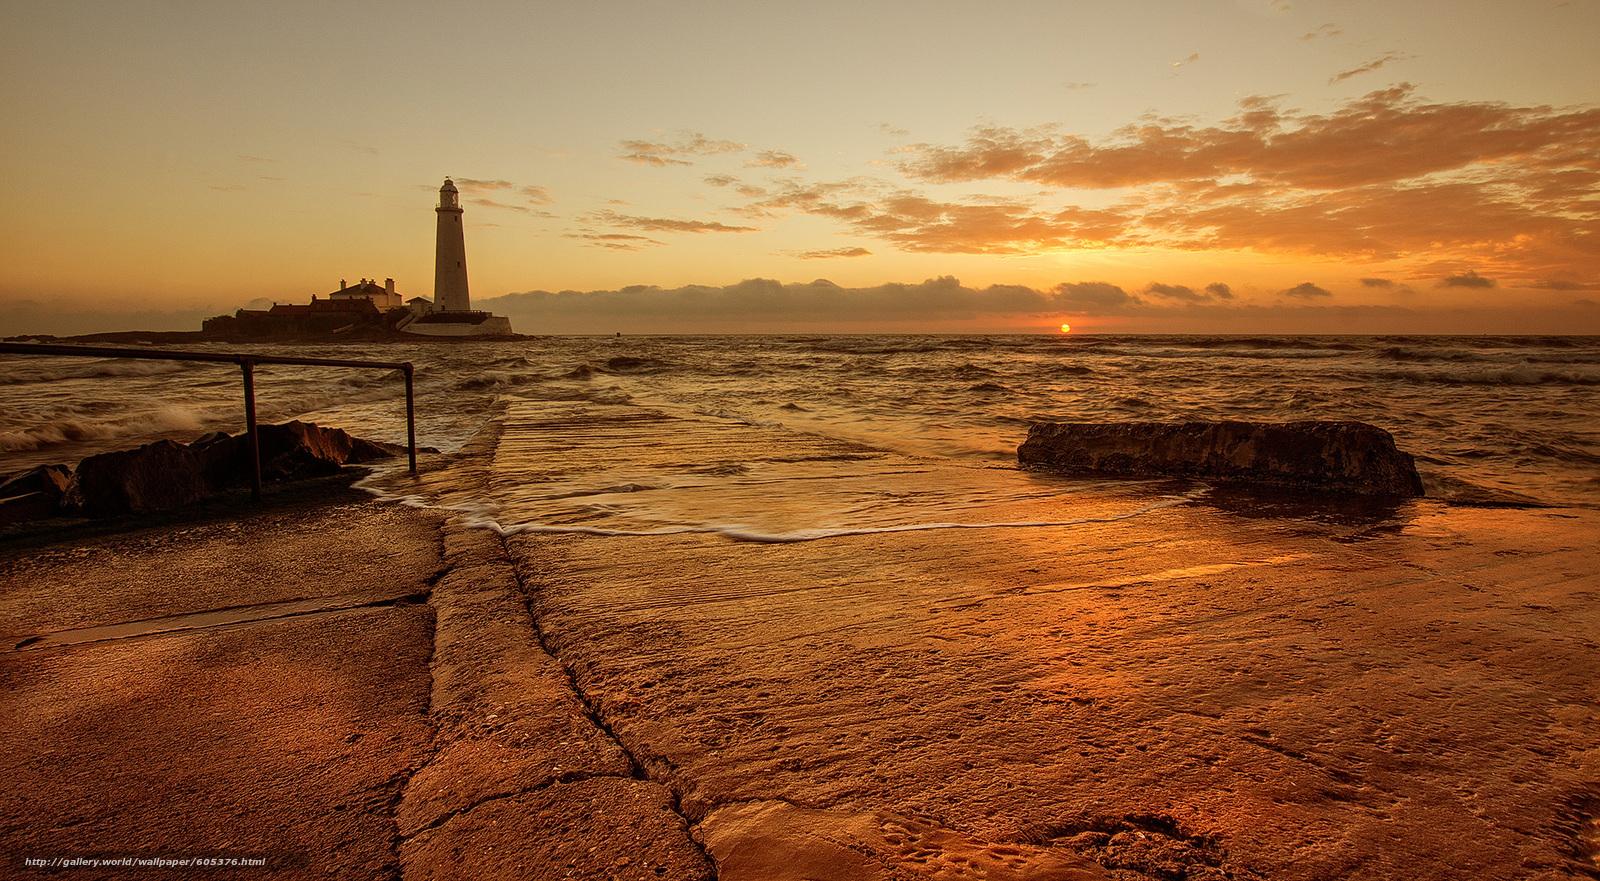 Скачать обои St. Marys Lighthouse,  North East England,  башня,  маяк бесплатно для рабочего стола в разрешении 2048x1128 — картинка №605376